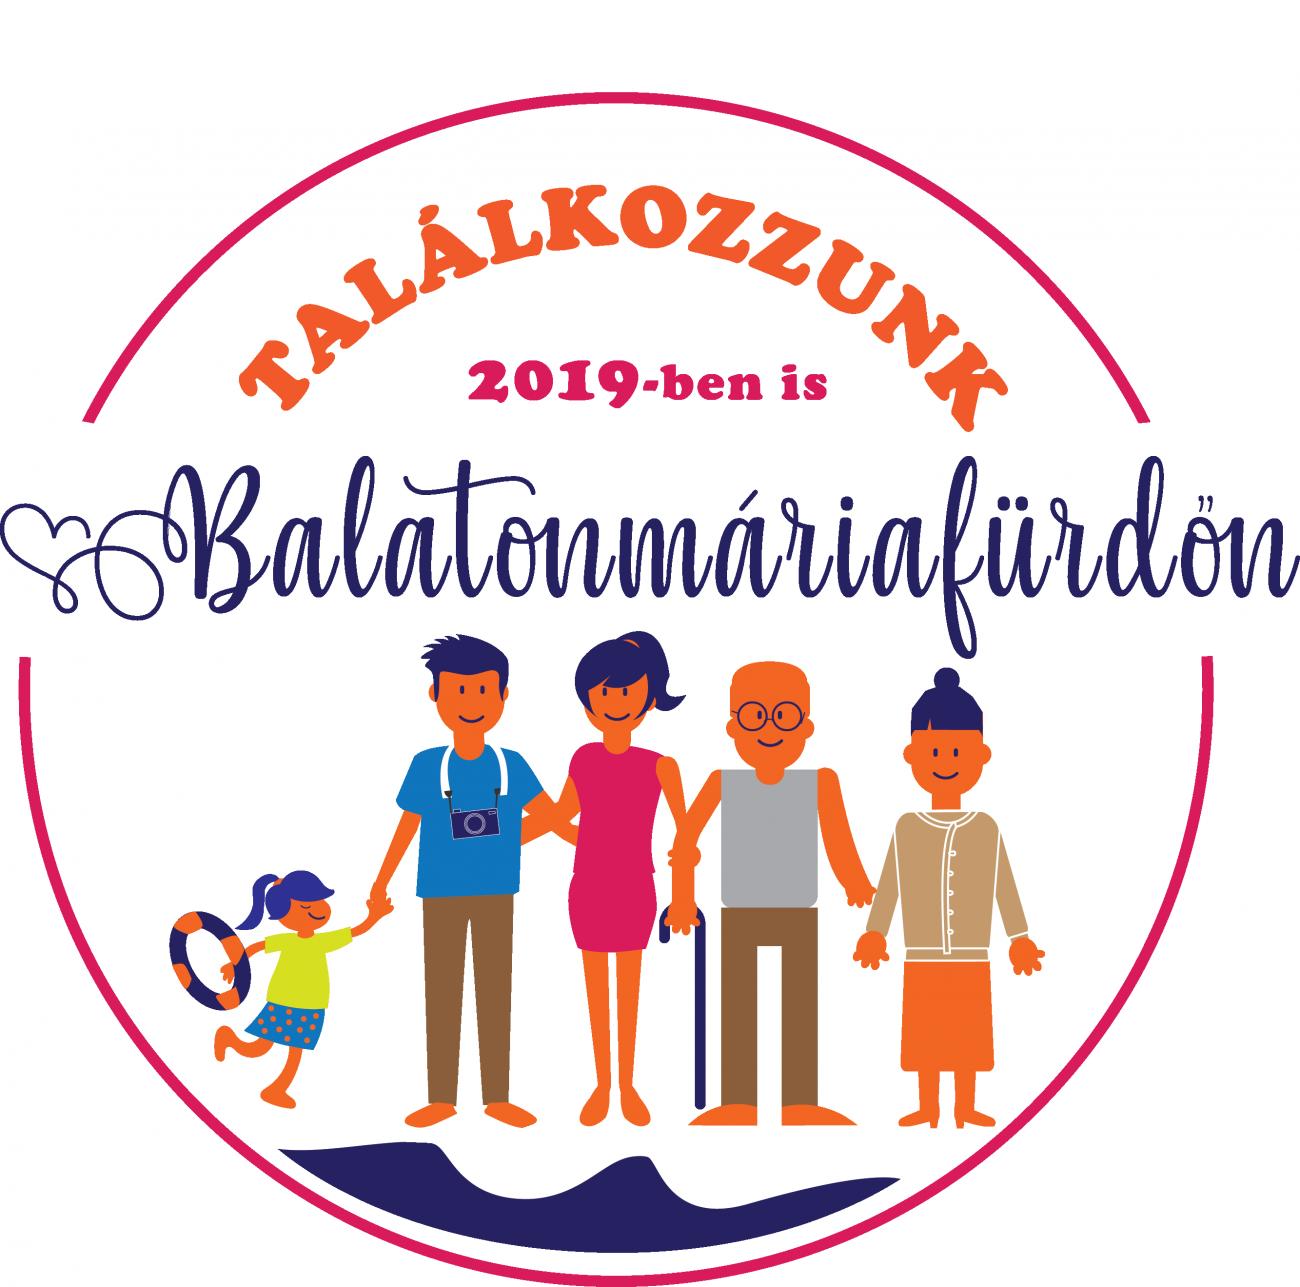 Balatonmáriafürdő 2019 nyári logó tervezés